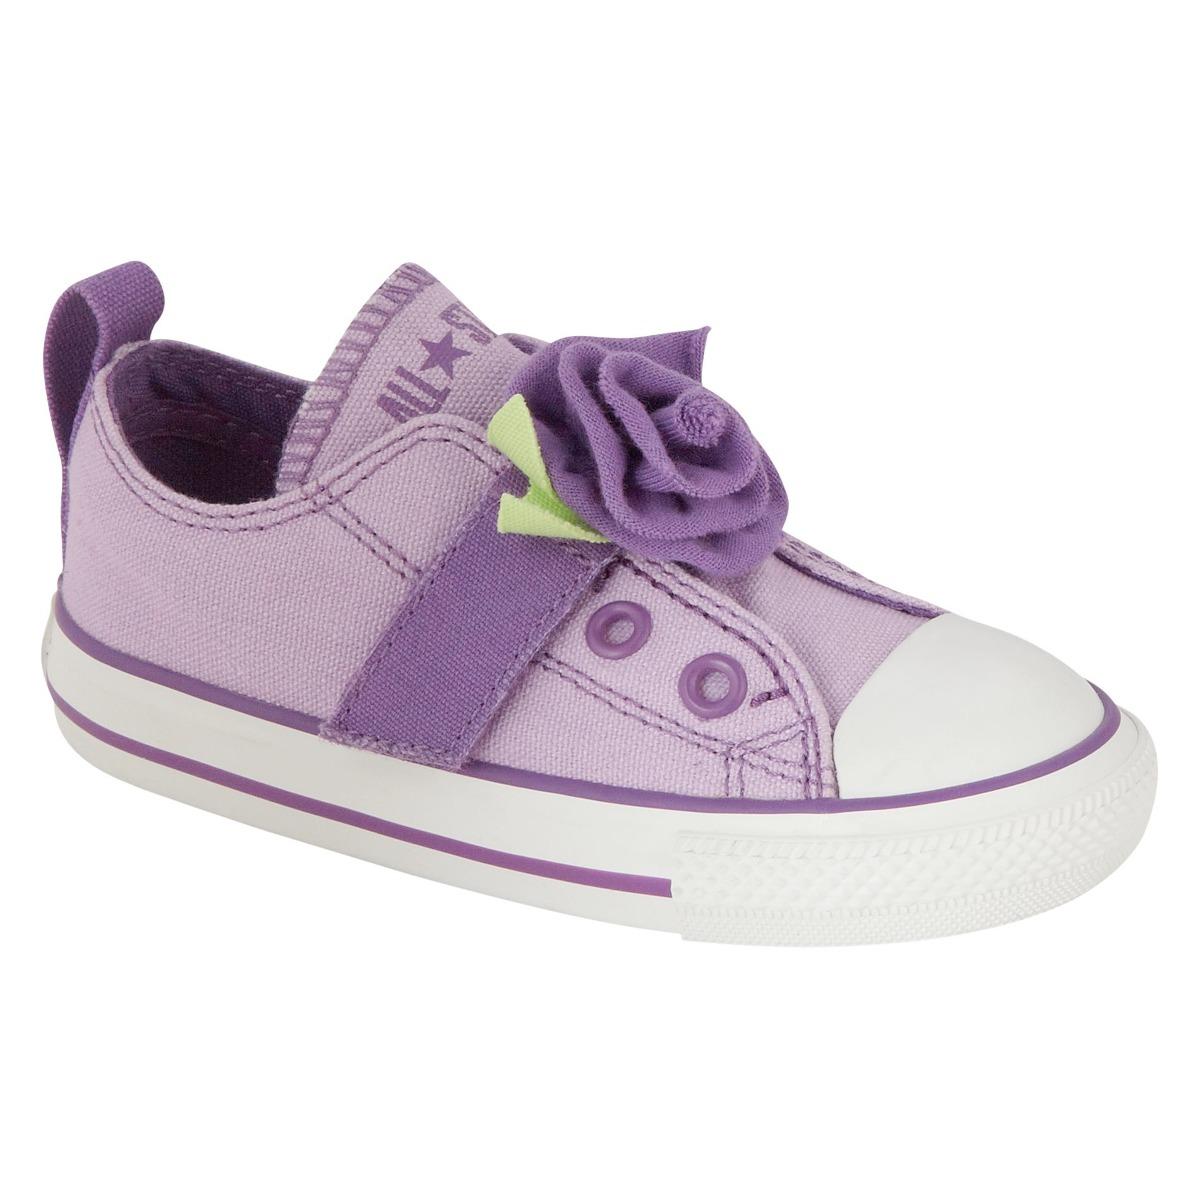 zapatillas converse all star para niñas